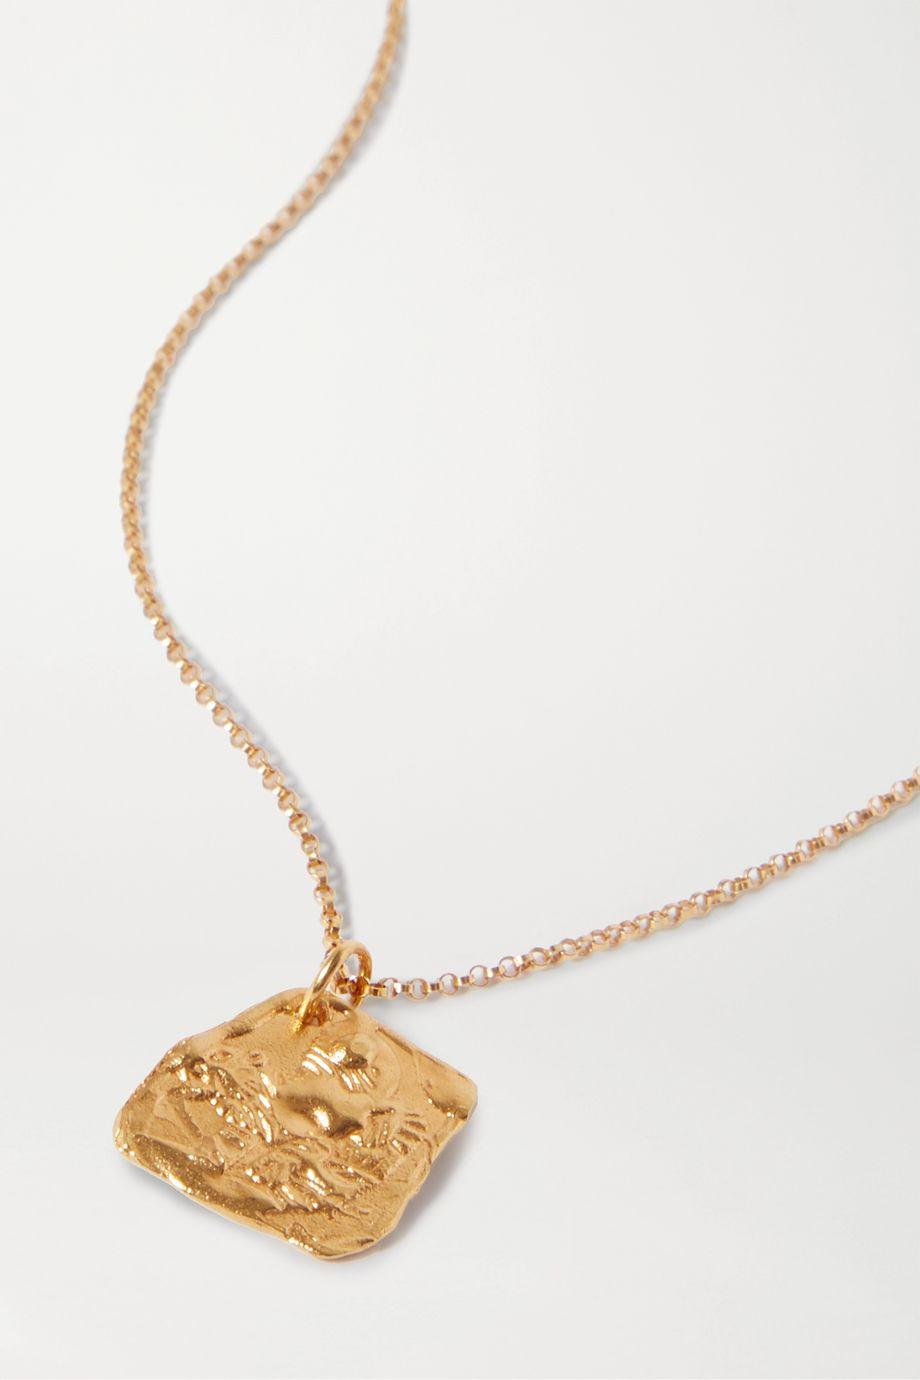 알리기에리 호랑이 목걸이 20SS 12지신 시리즈 Alighieri Year of the Tiger gold-plated necklace,Gold